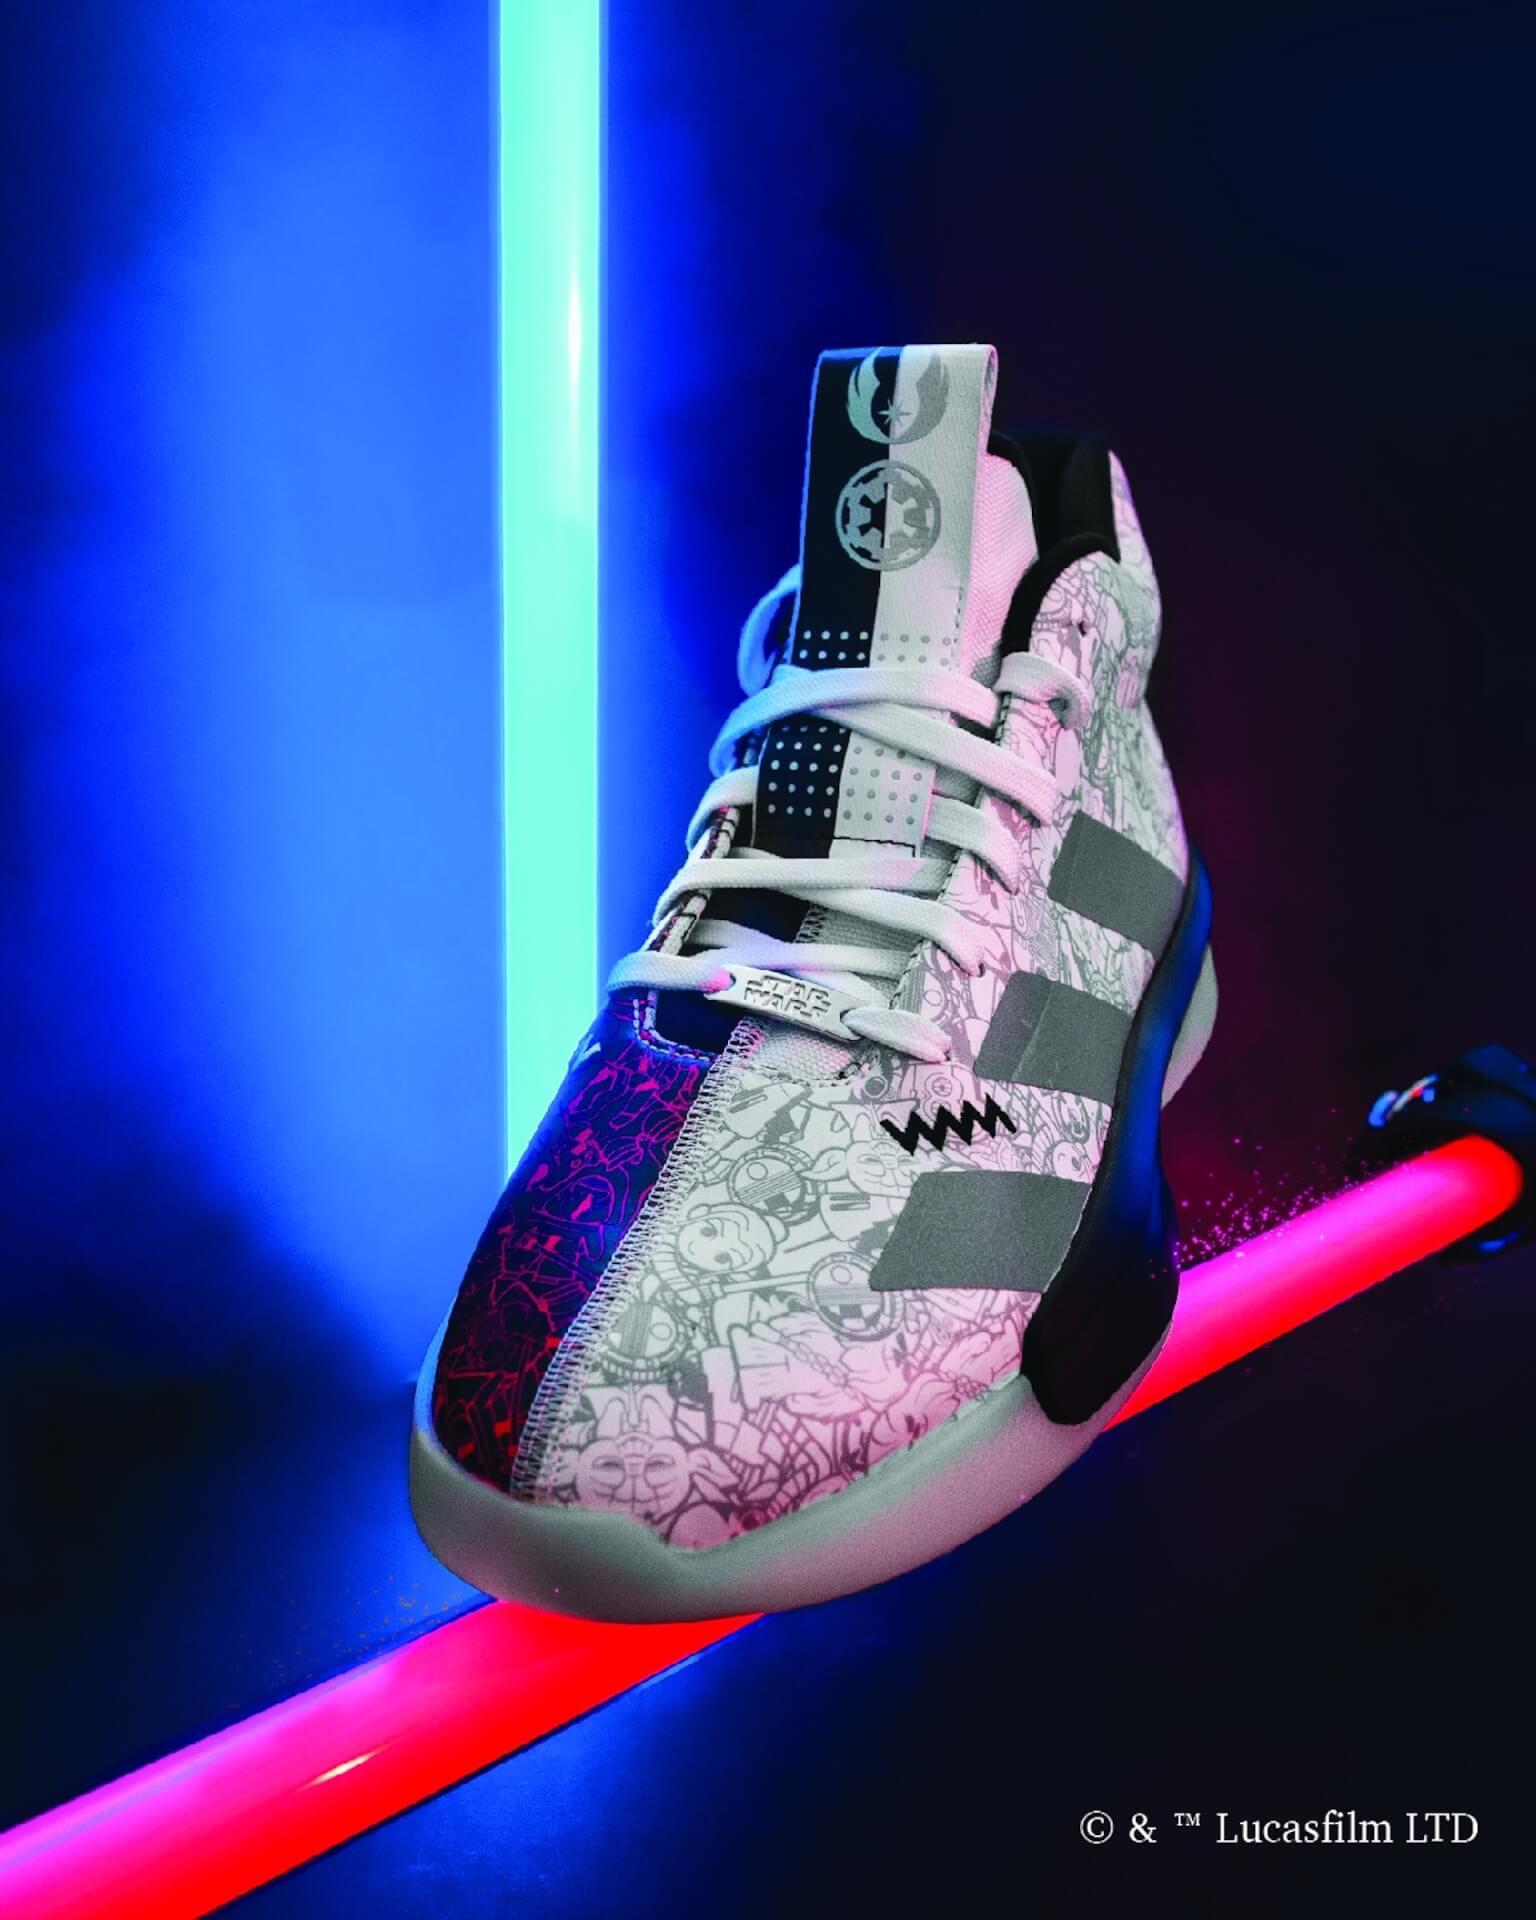 adidas「スター・ウォーズ」に登場するキャラクターやライトセーバーをモチーフにしたスニーカーを発売 life191029_starwars_adidas_13